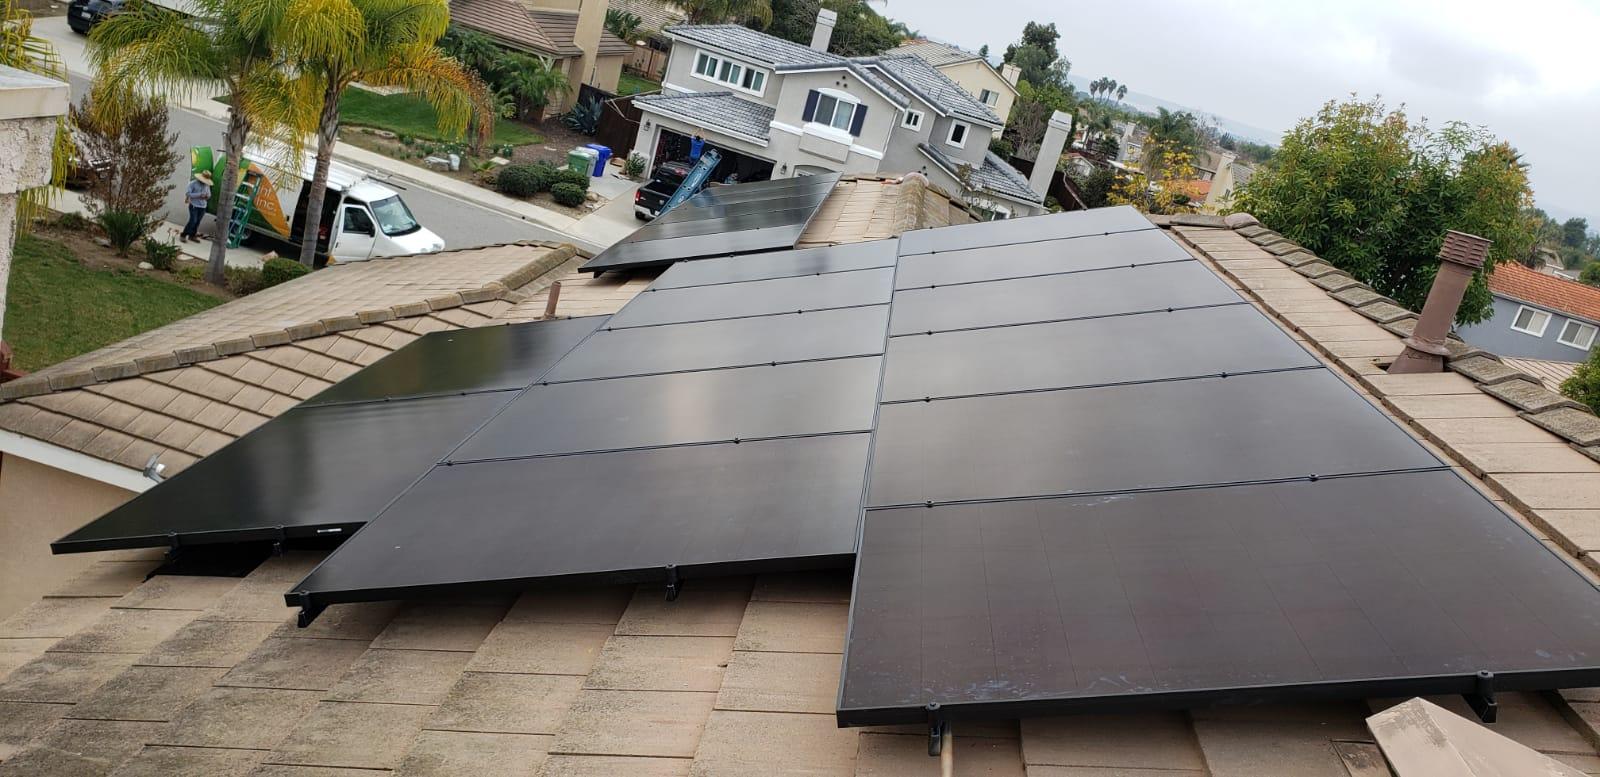 Oceanside-Solar-Panels-Installation-2